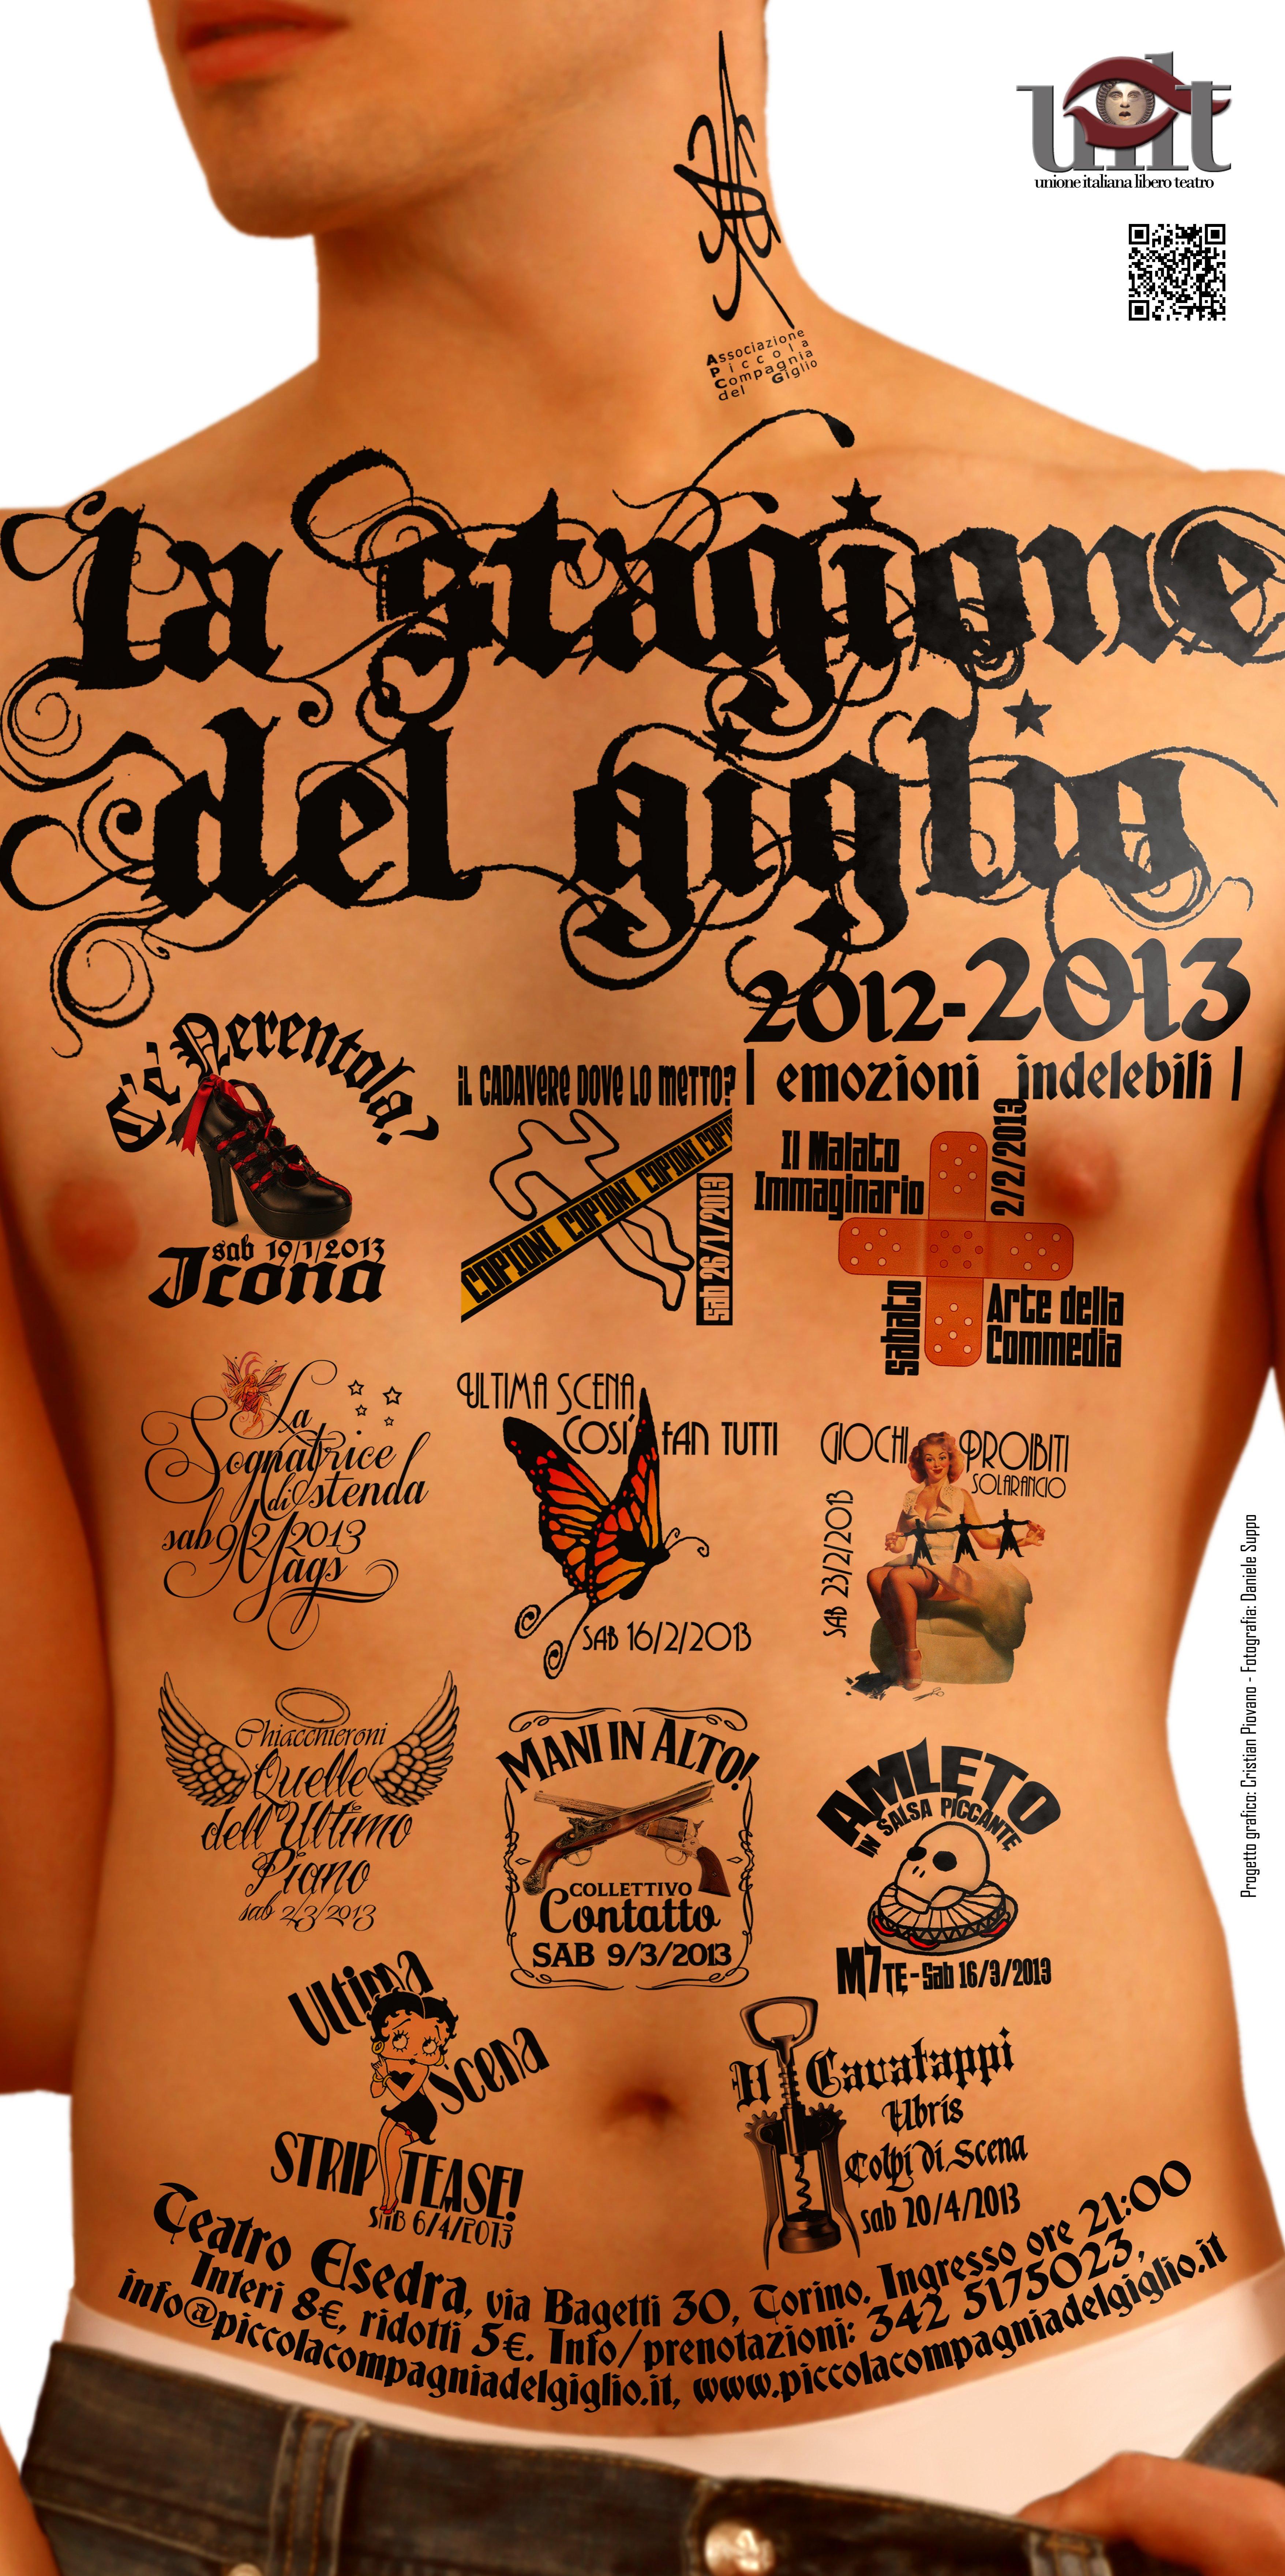 locandina Stagione del giglio 2012-2013